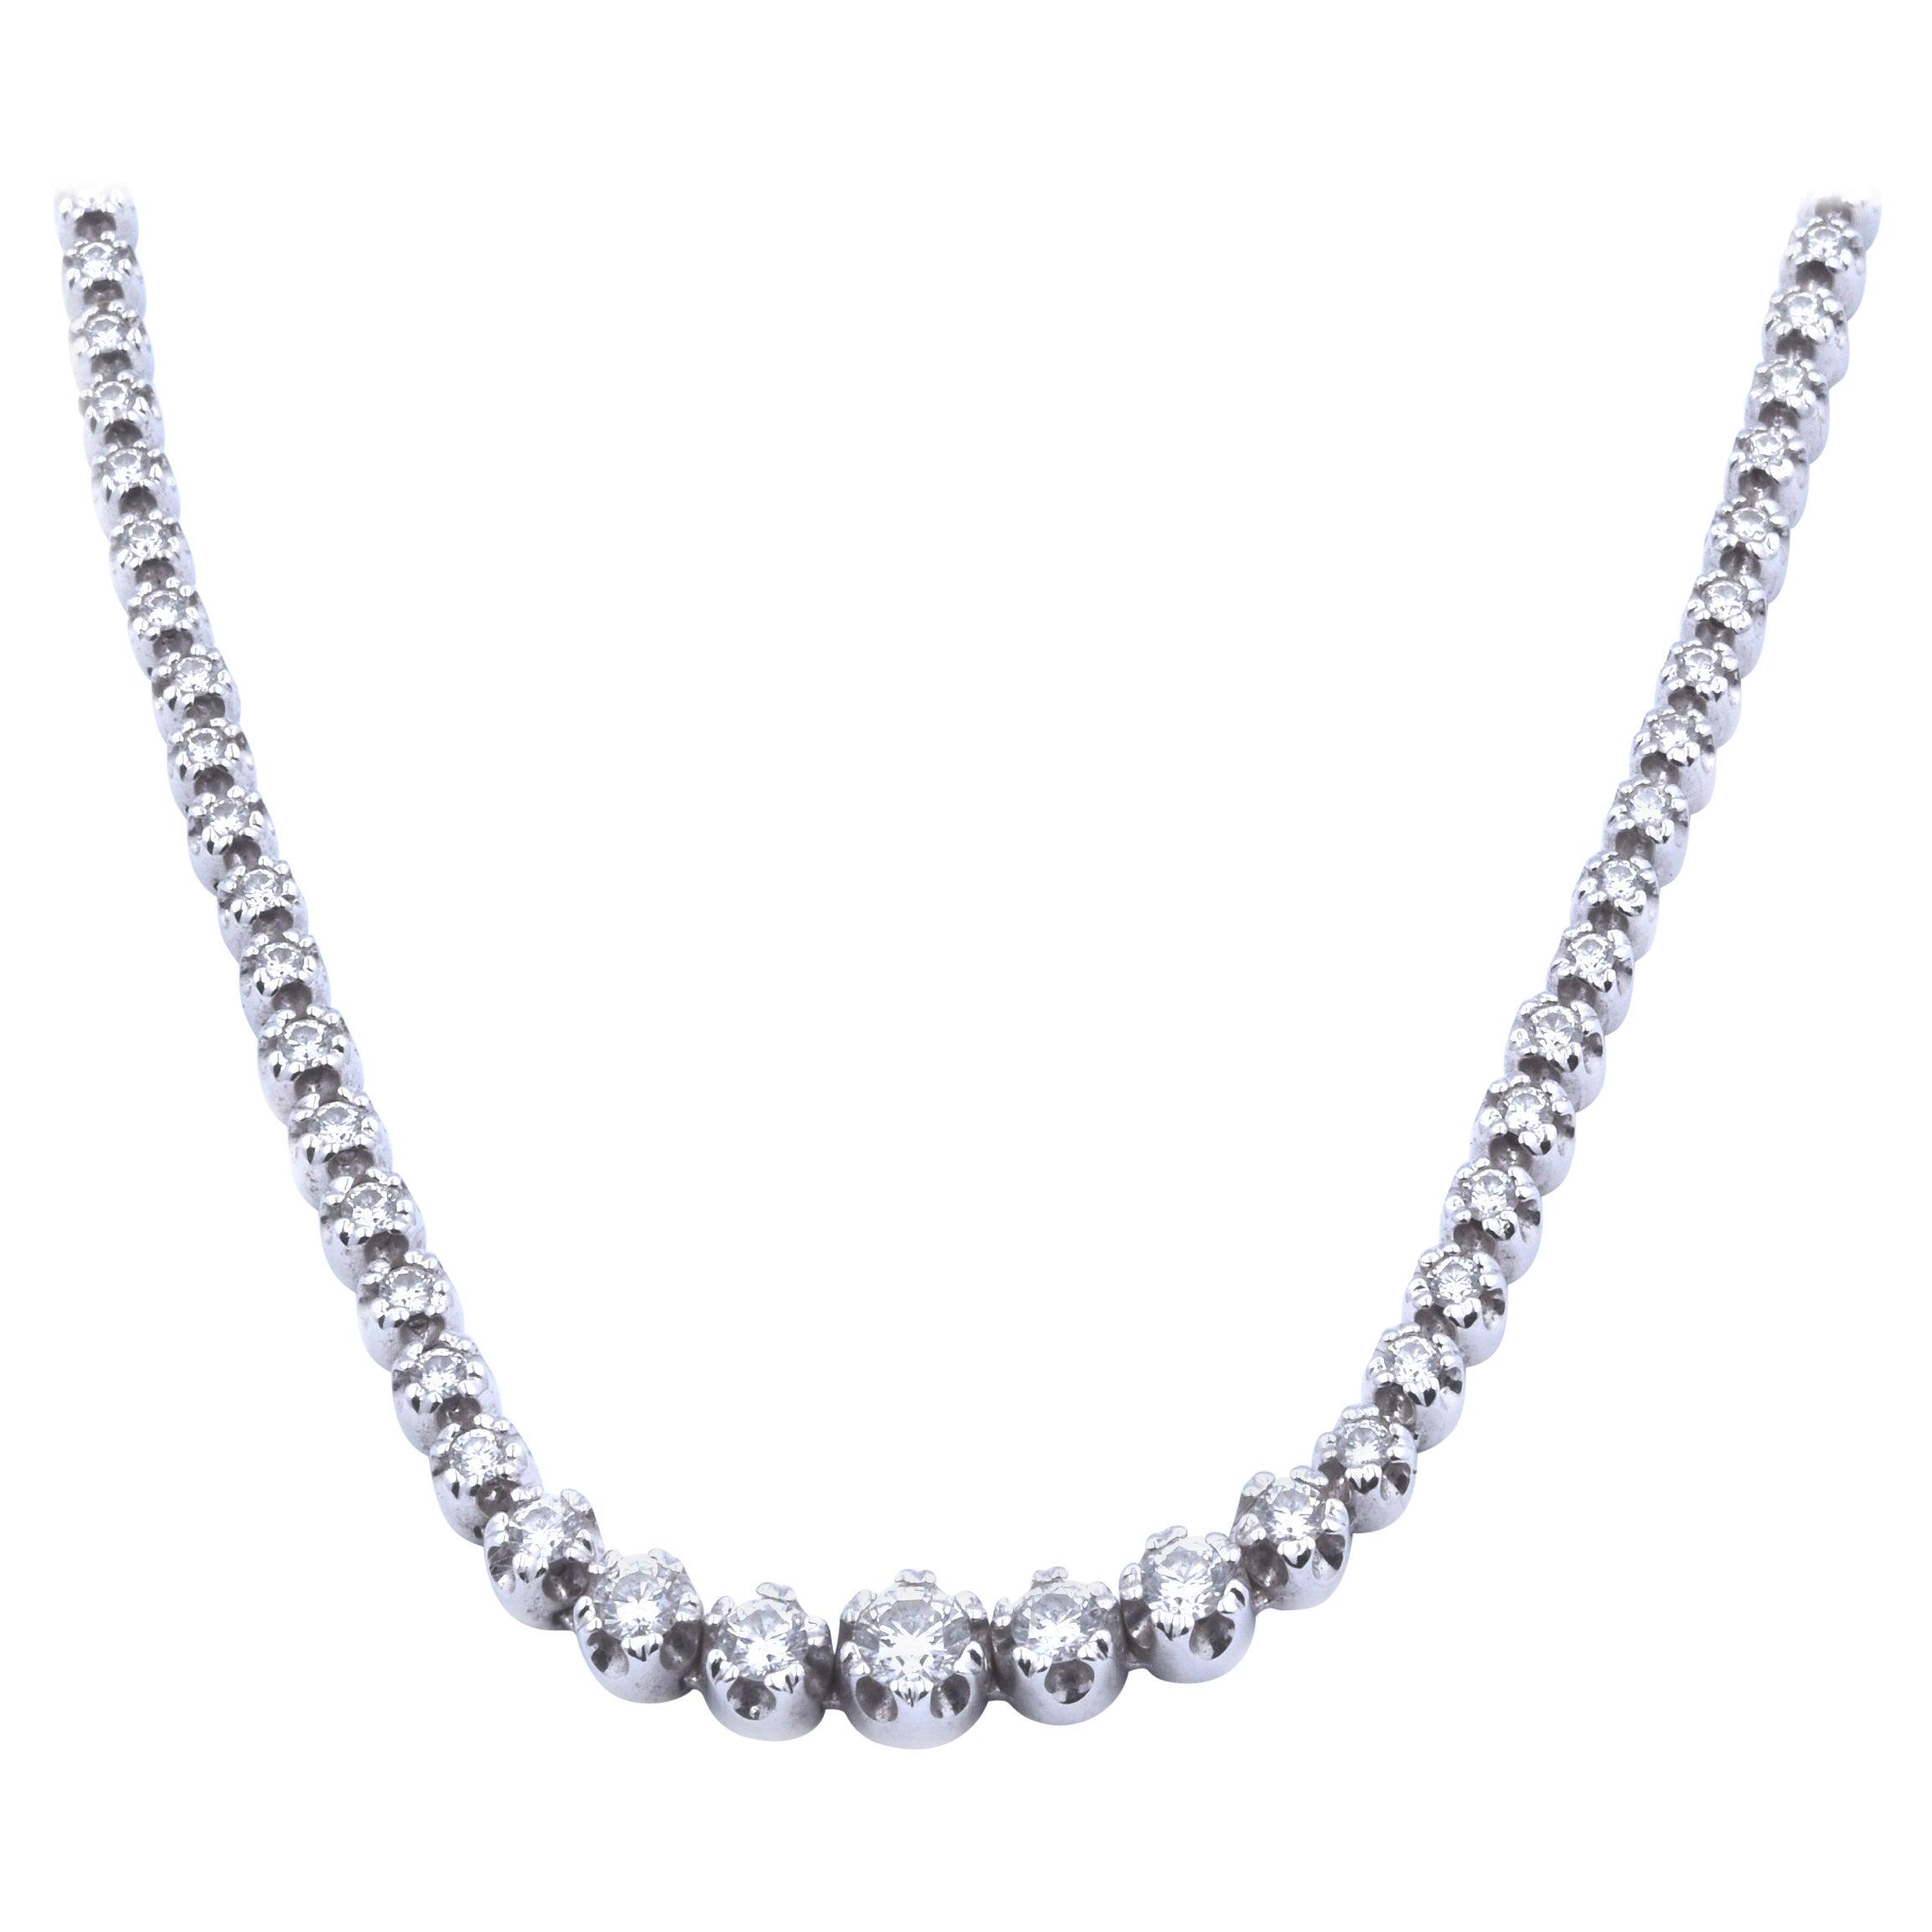 18 Karat White Gold Diamond Inline Tennis Necklace